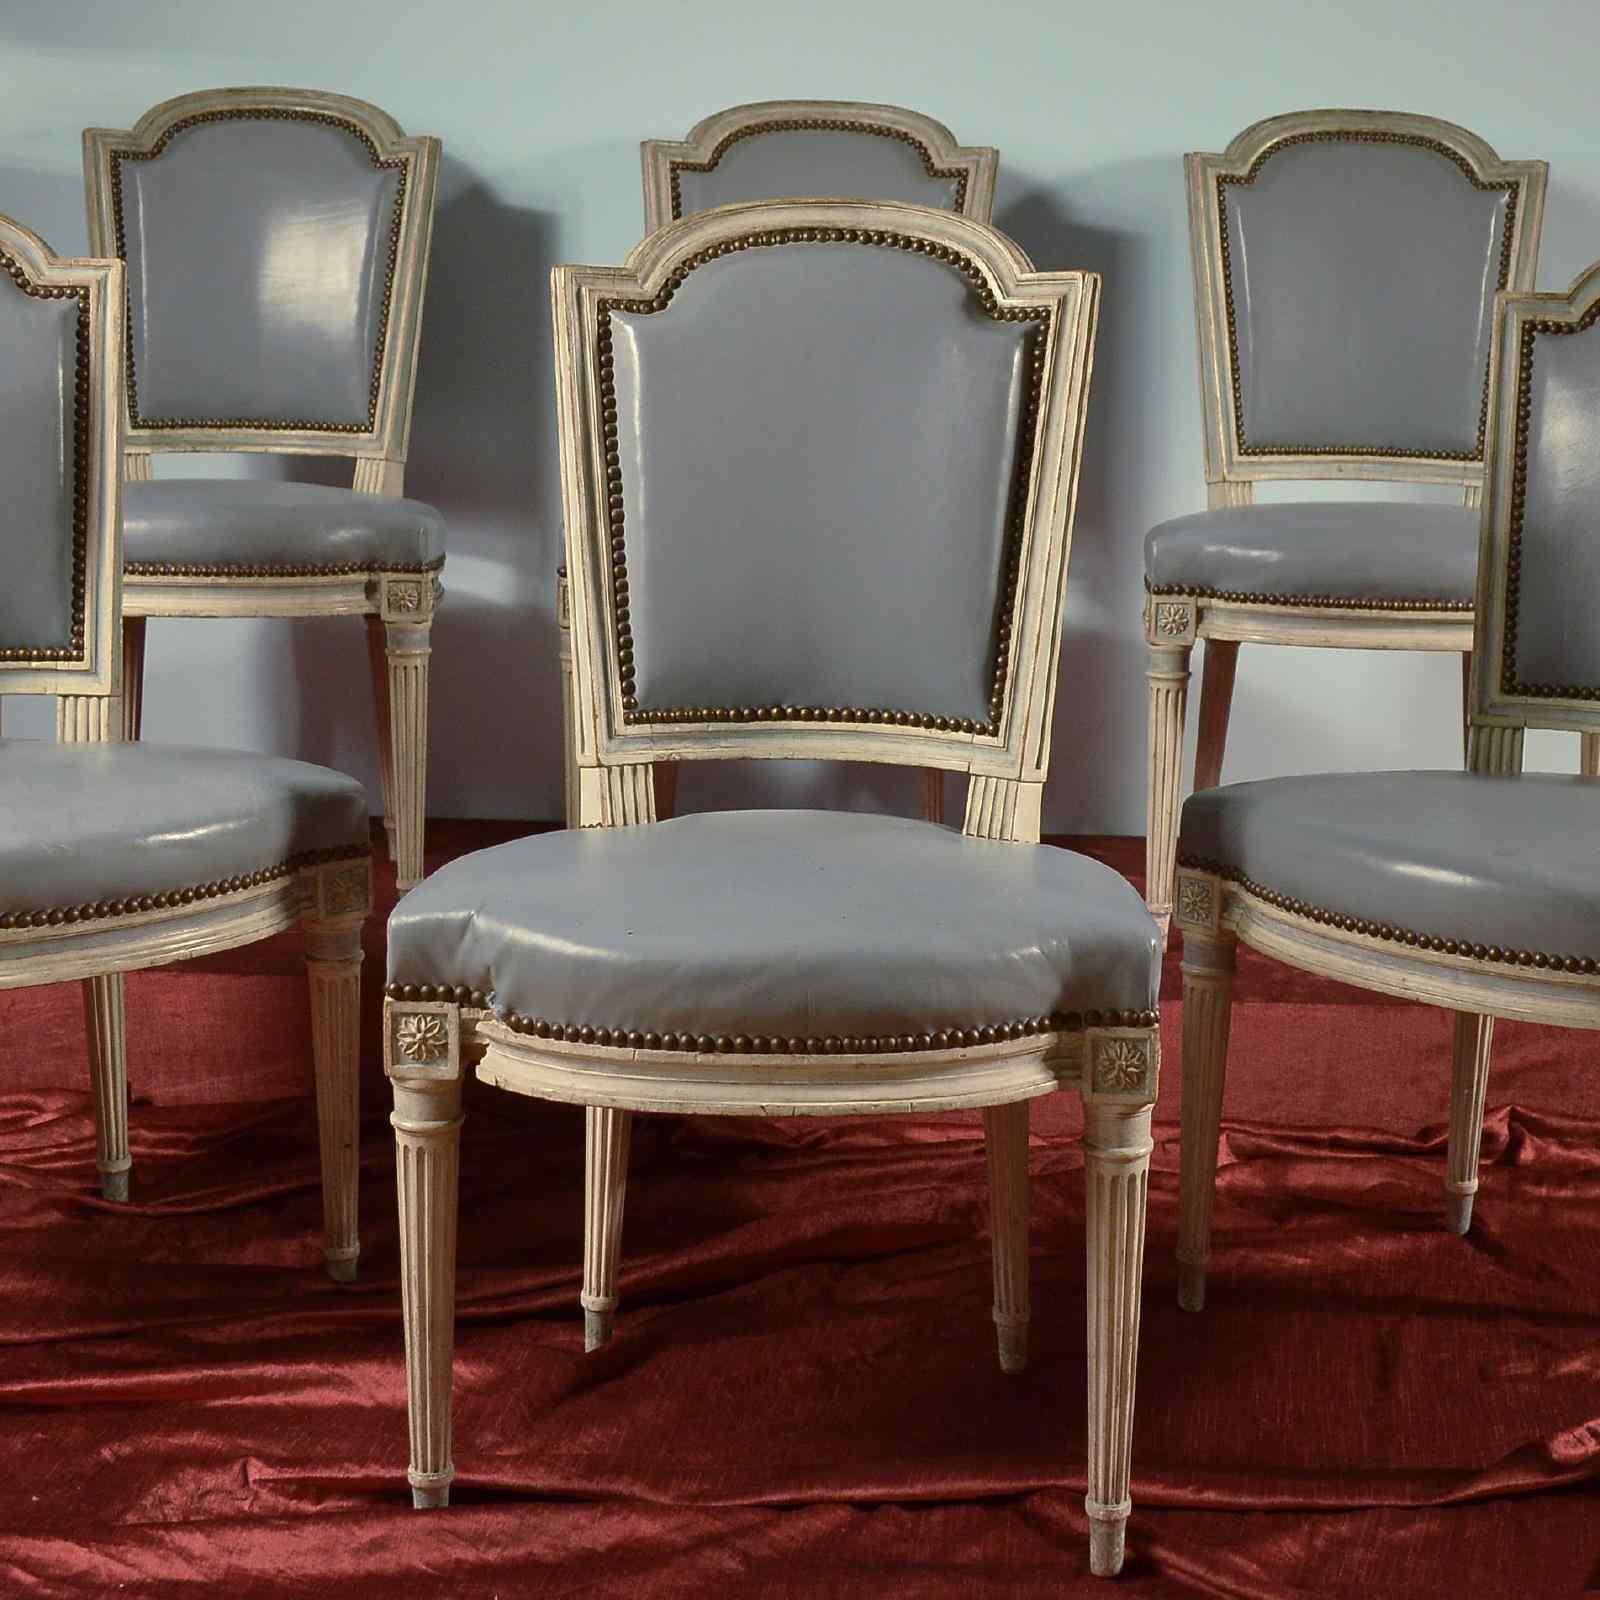 Gruppo di antiche sedie laccate - Parigi XVIII secolo